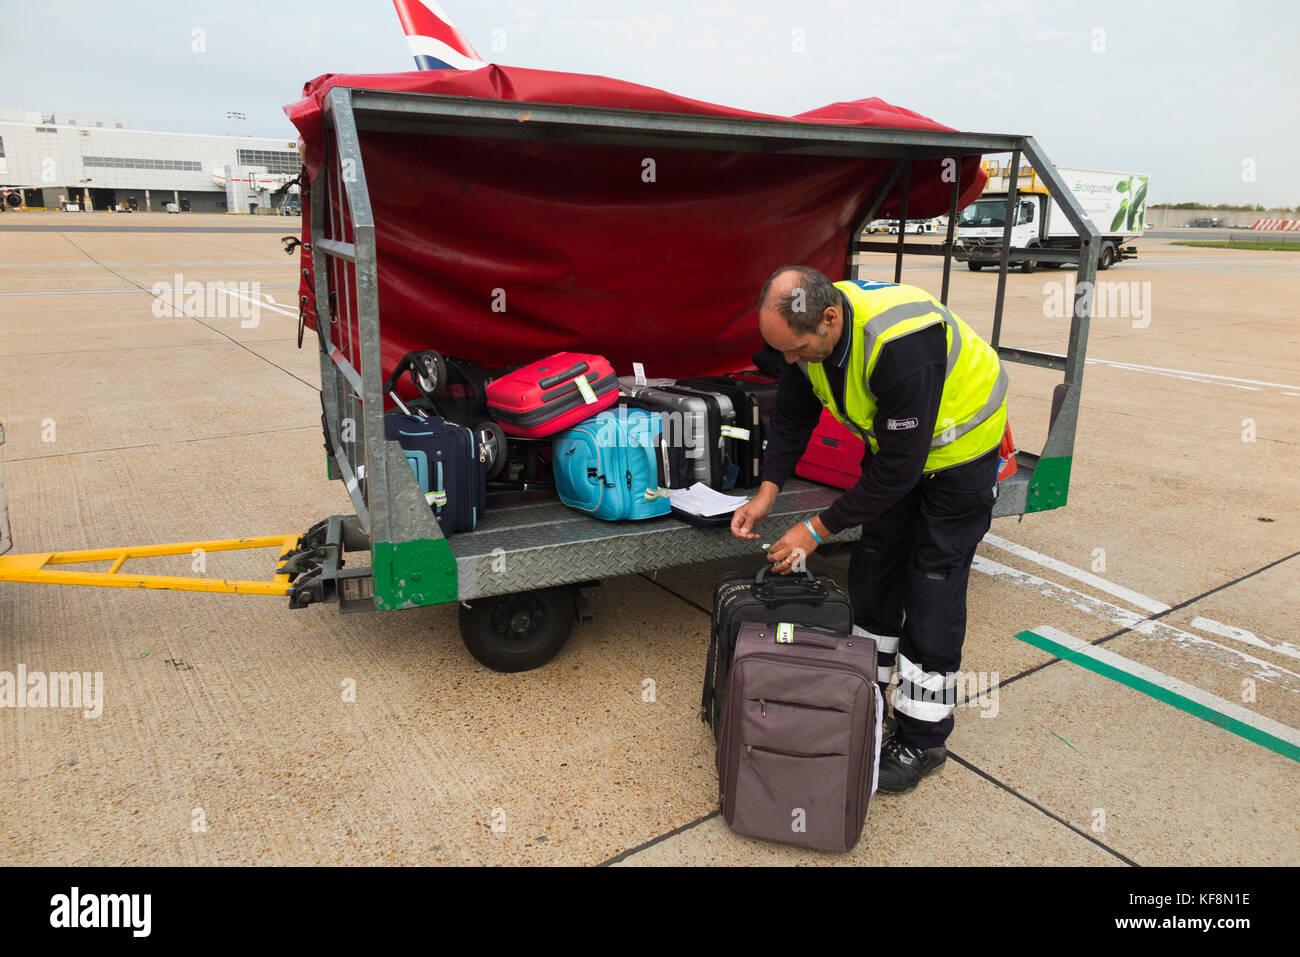 Gepäckabfertigung Katze/Fahrzeug/Fahrzeug/Flugzeug Lader/container/Ground Support Personal-/Tragetasche & Stockbild